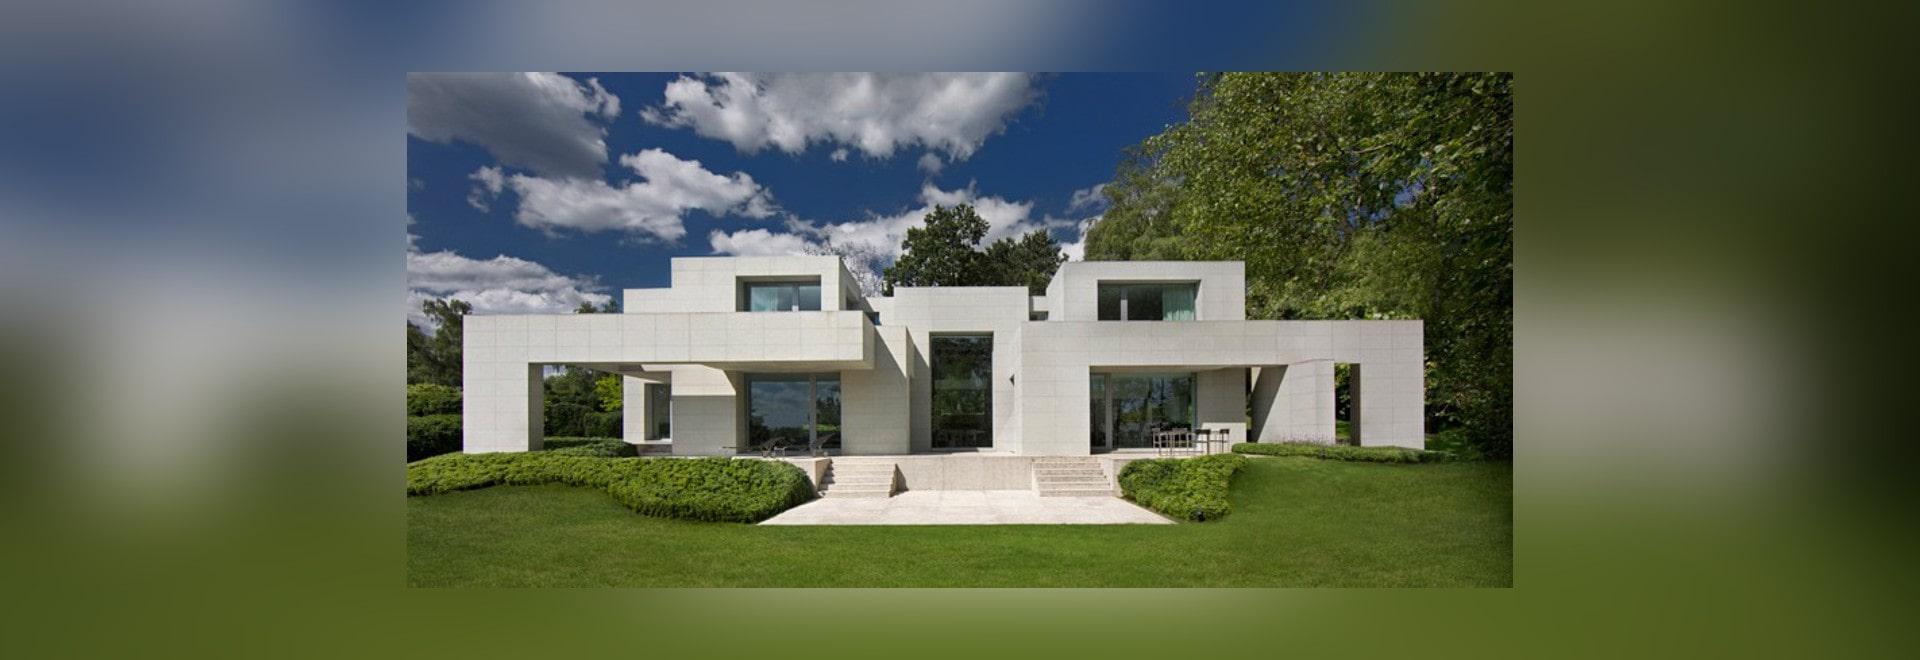 La maison de DS par des architectures olivier de dwek renverse les règles de la symétrie